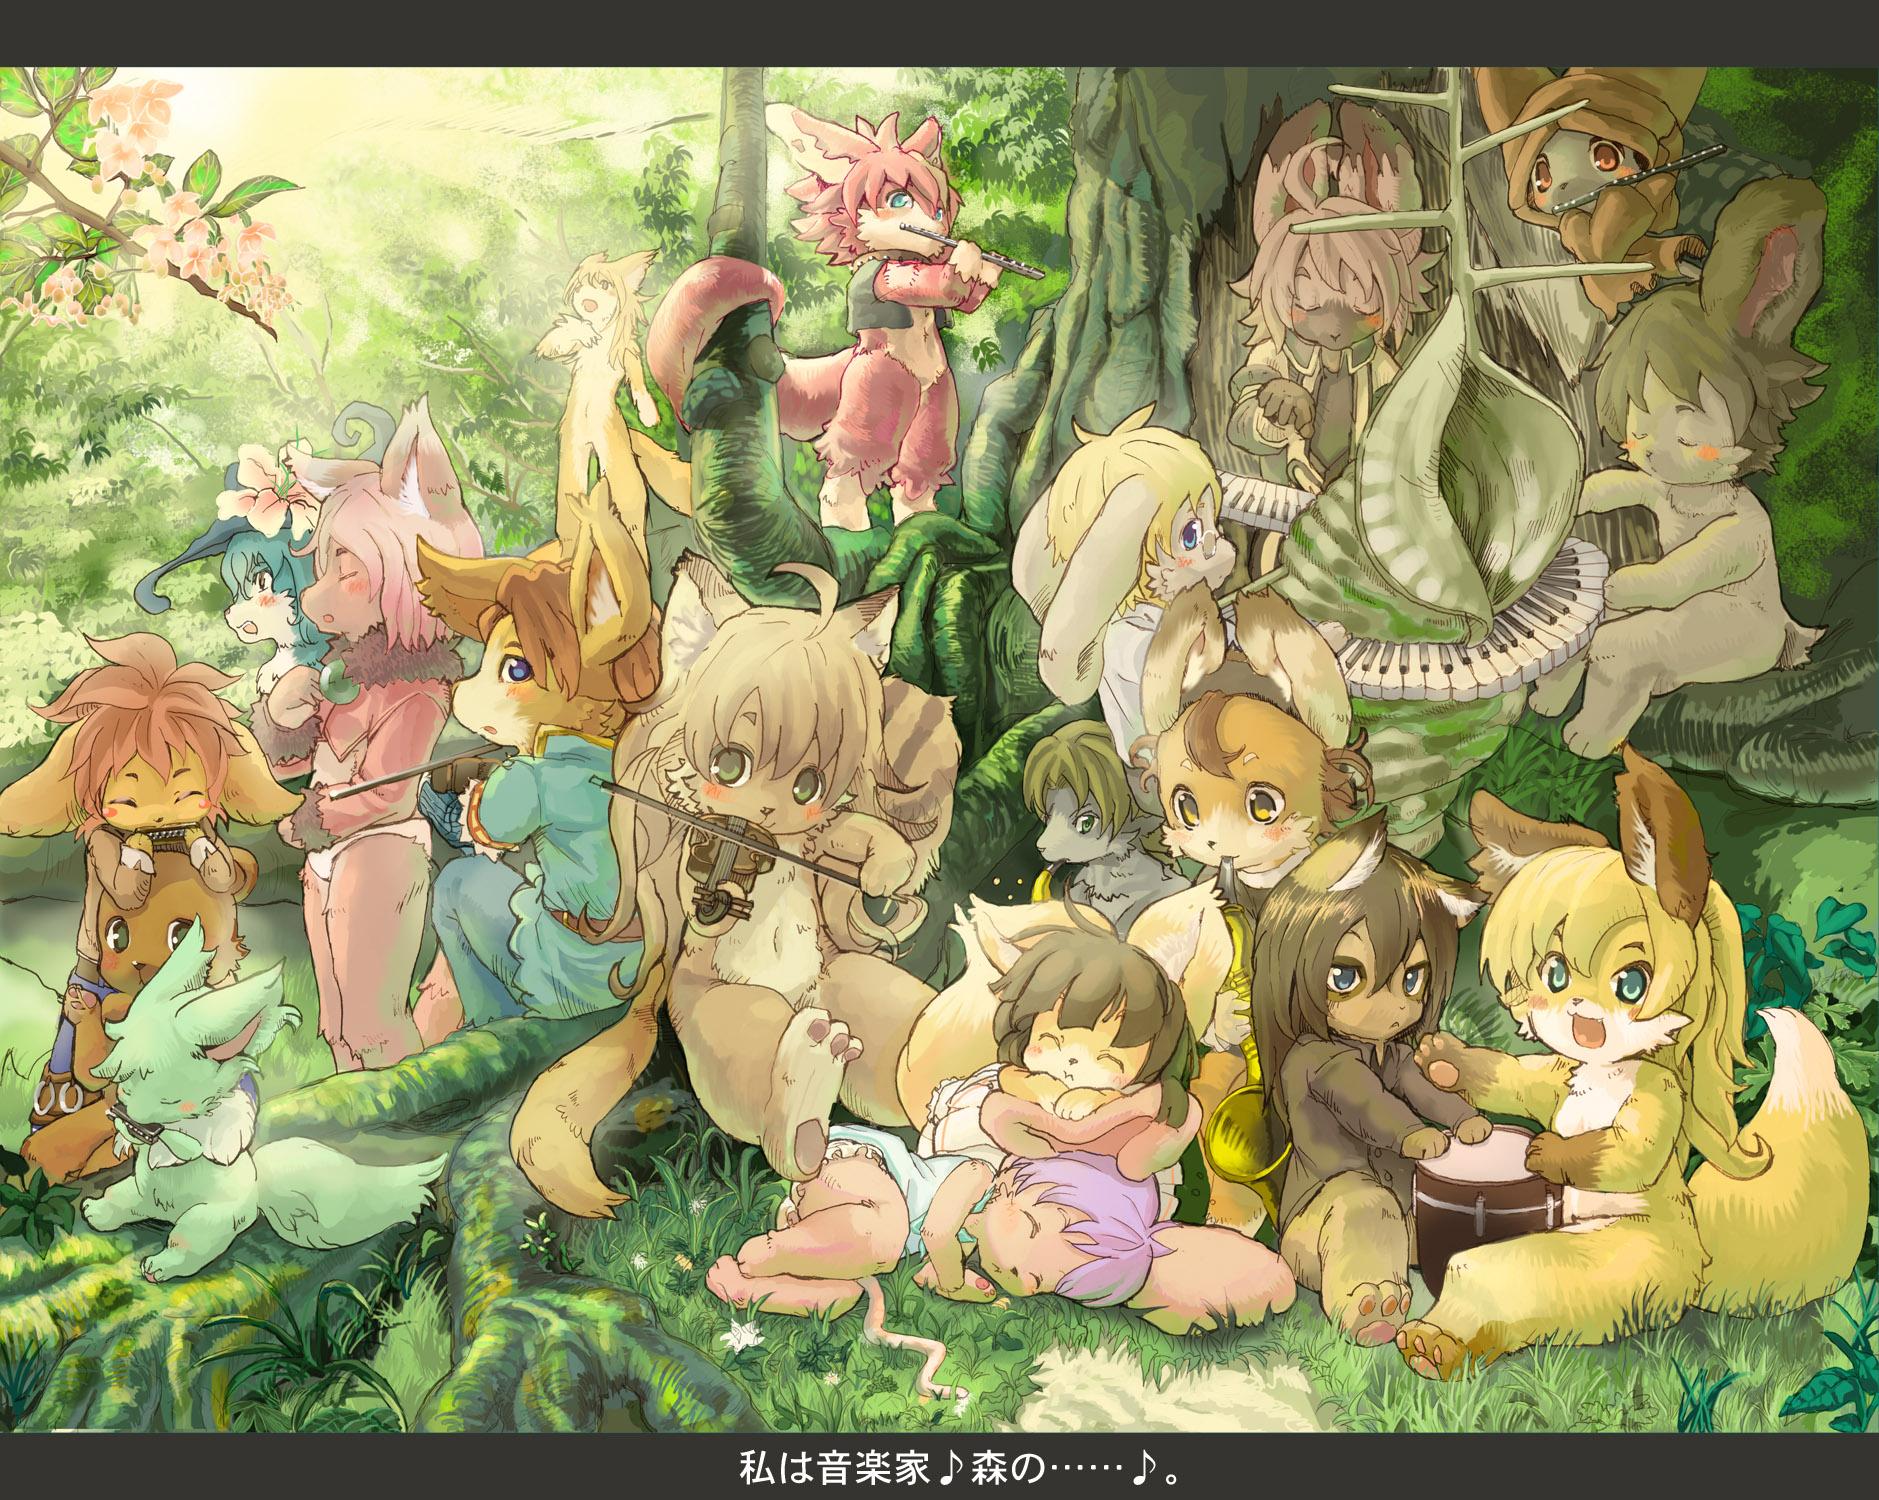 Pixiv Forest Zerochan Anime Image Board